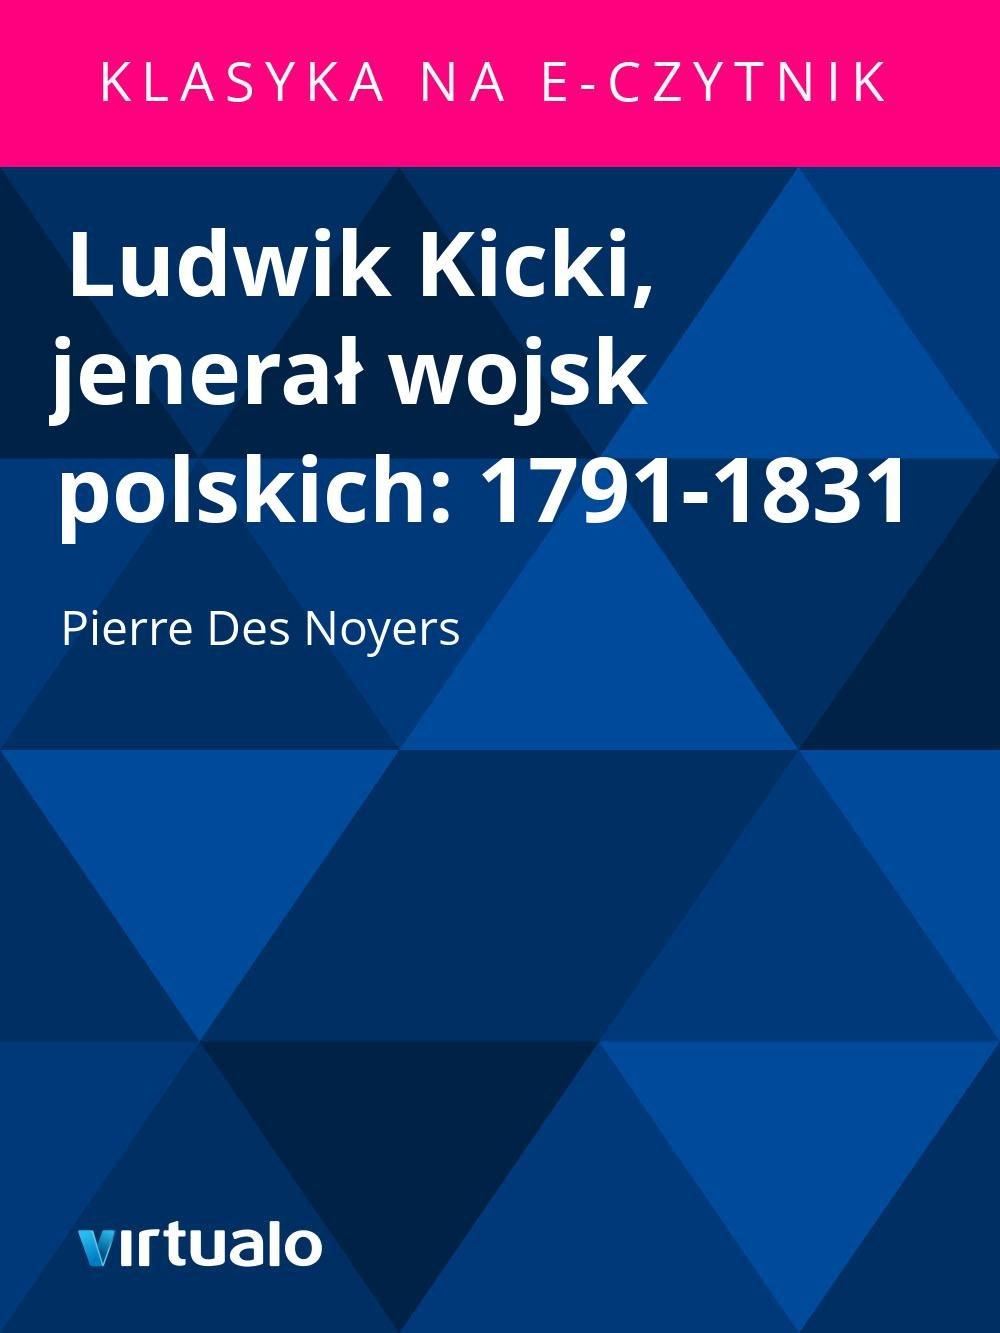 Ludwik Kicki, jenerał wojsk polskich: 1791-1831 - Ebook (Książka EPUB) do pobrania w formacie EPUB